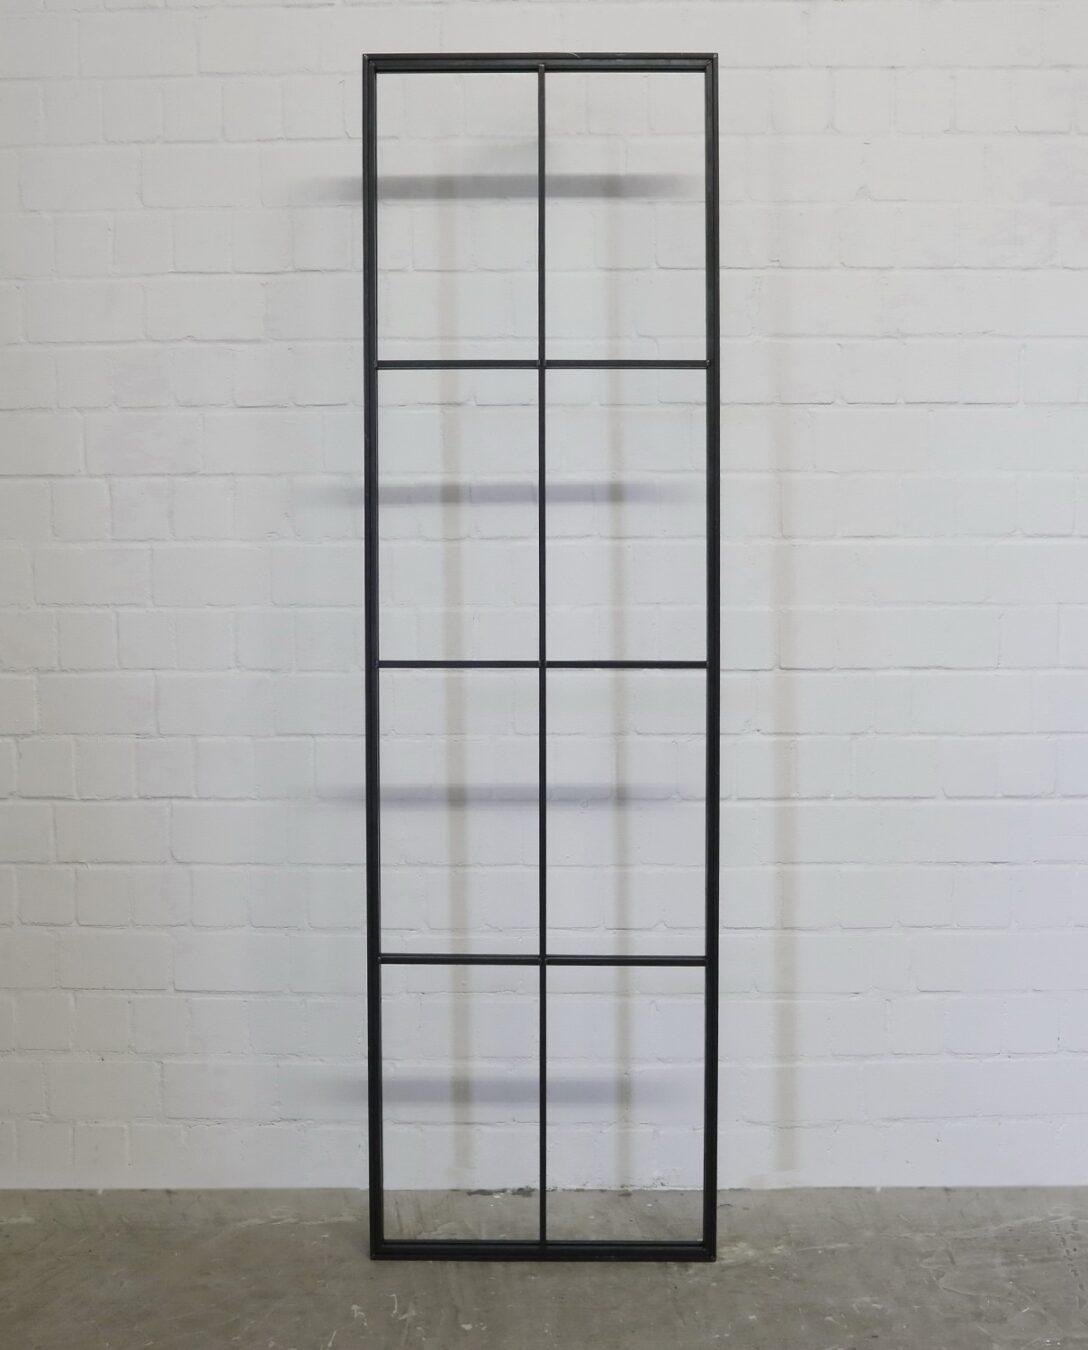 Large Size of Fenster Aus Flachstahl Im Bauhaus Look Elektroheizkörper Bad Heizkörper Für Badezimmer Wohnzimmer Wohnzimmer Heizkörper Bauhaus